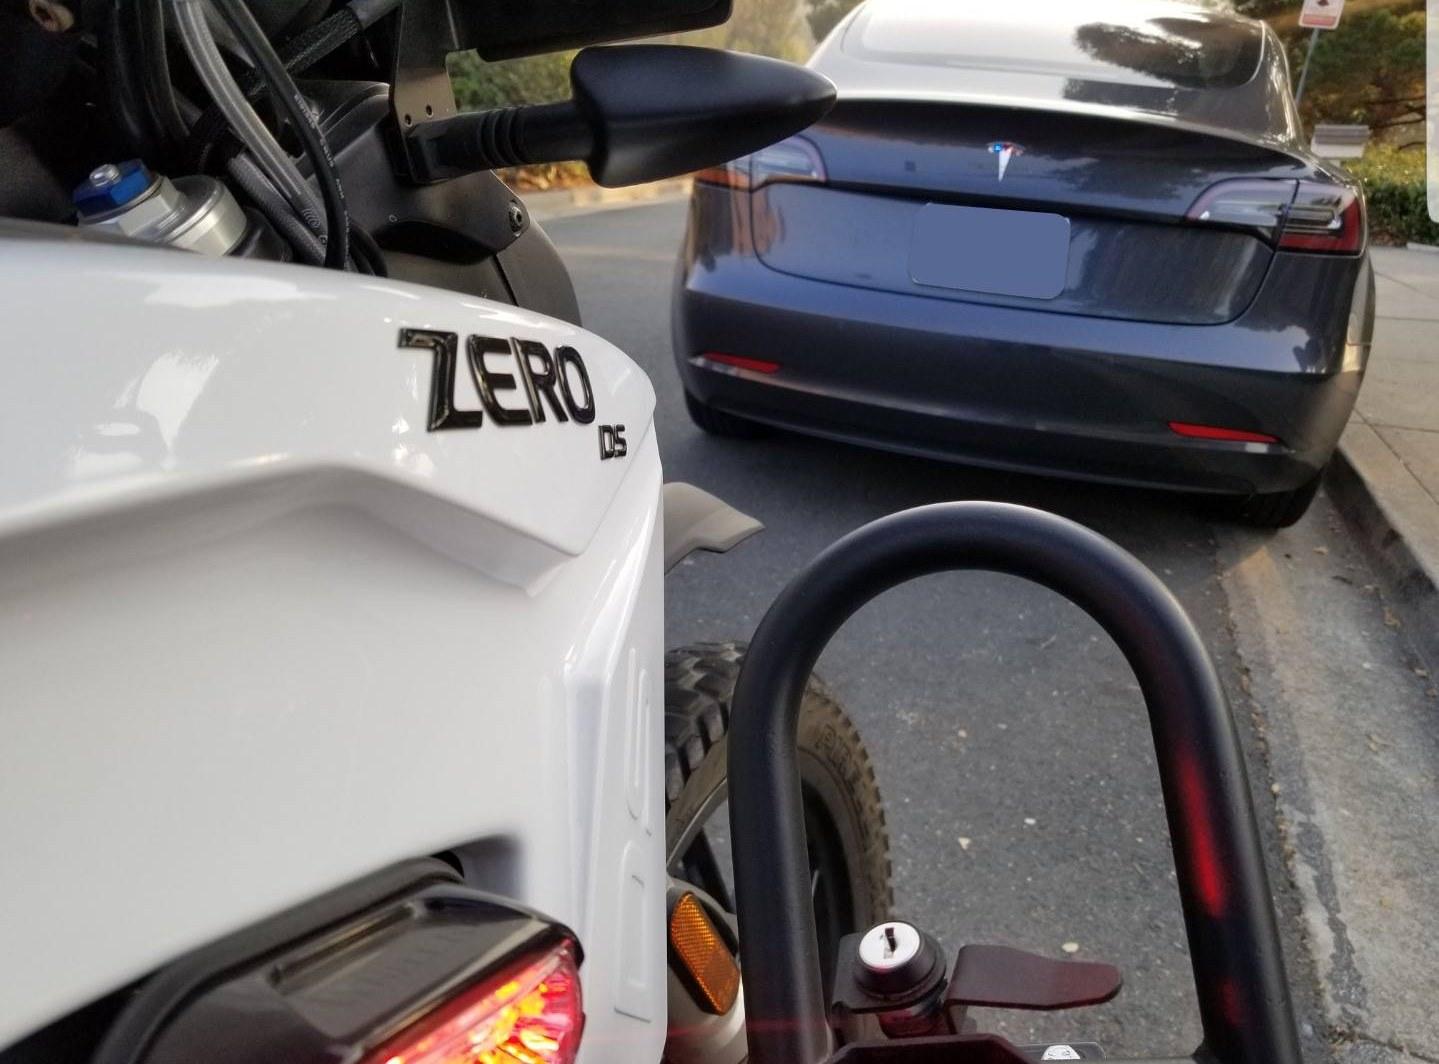 zero police bike tesla